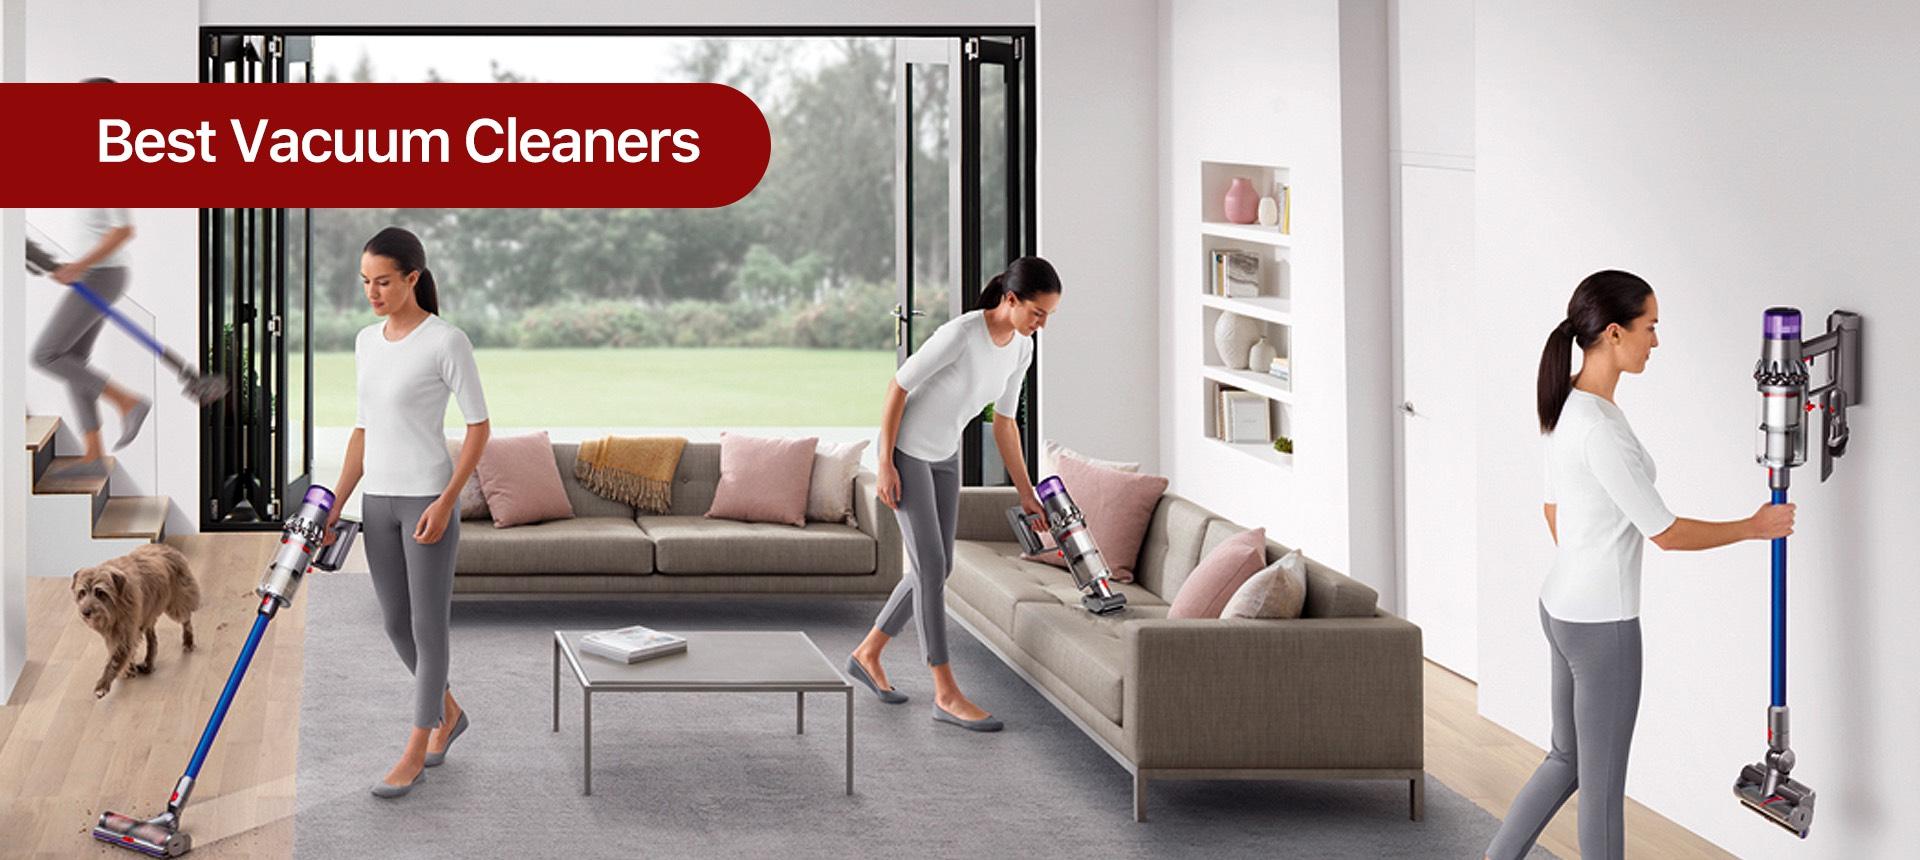 Choose Best Vacuum Cleaners